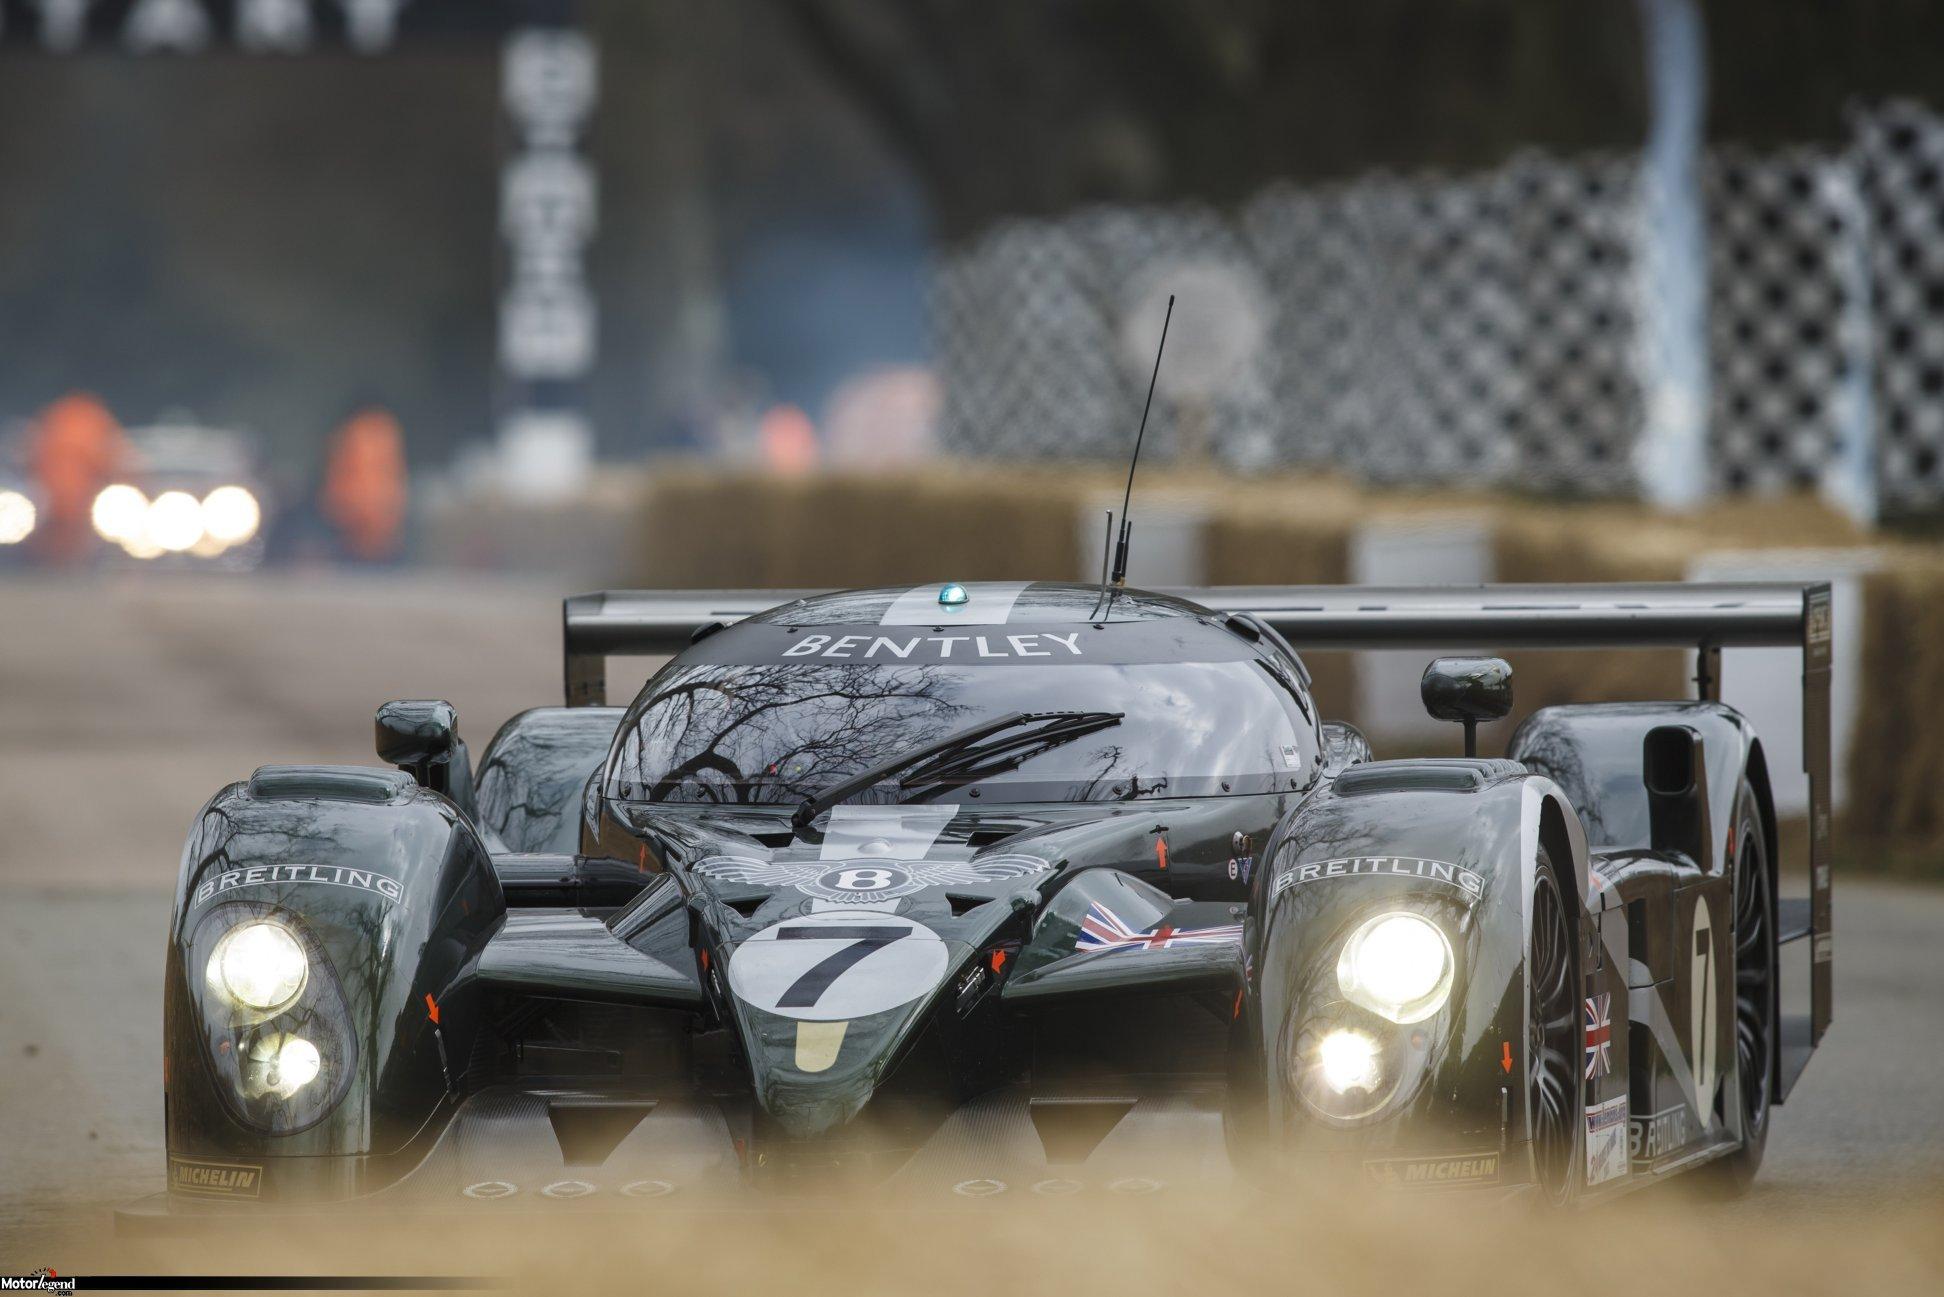 El auto vencedor de las 24 Horas de Le Mans 2003, se expone ocasionalmente en reuniones muy especiales, como aquí en el Festival de Goodwood (arriba). La réplica, fabricada por los búlgaros de AeroMaster, respeta notablemente al modelo original (abajo).